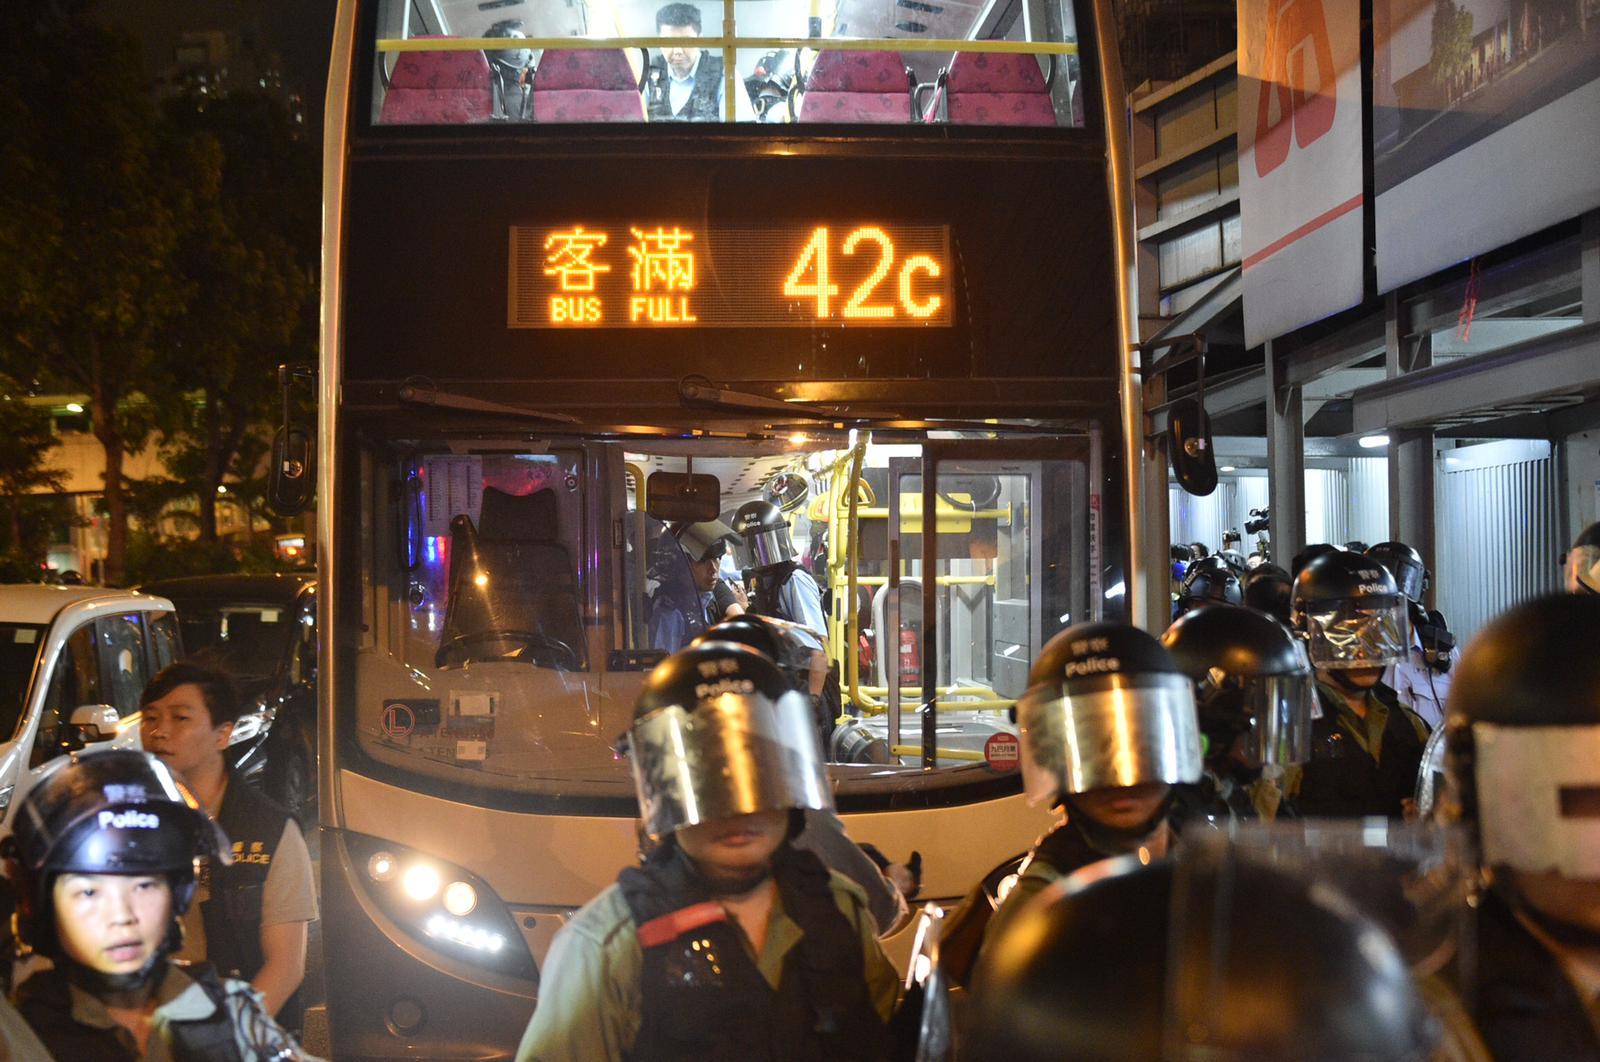 警方曾稱懷疑有涉案人士在巴士上,於是截停登車搜查。資料圖片